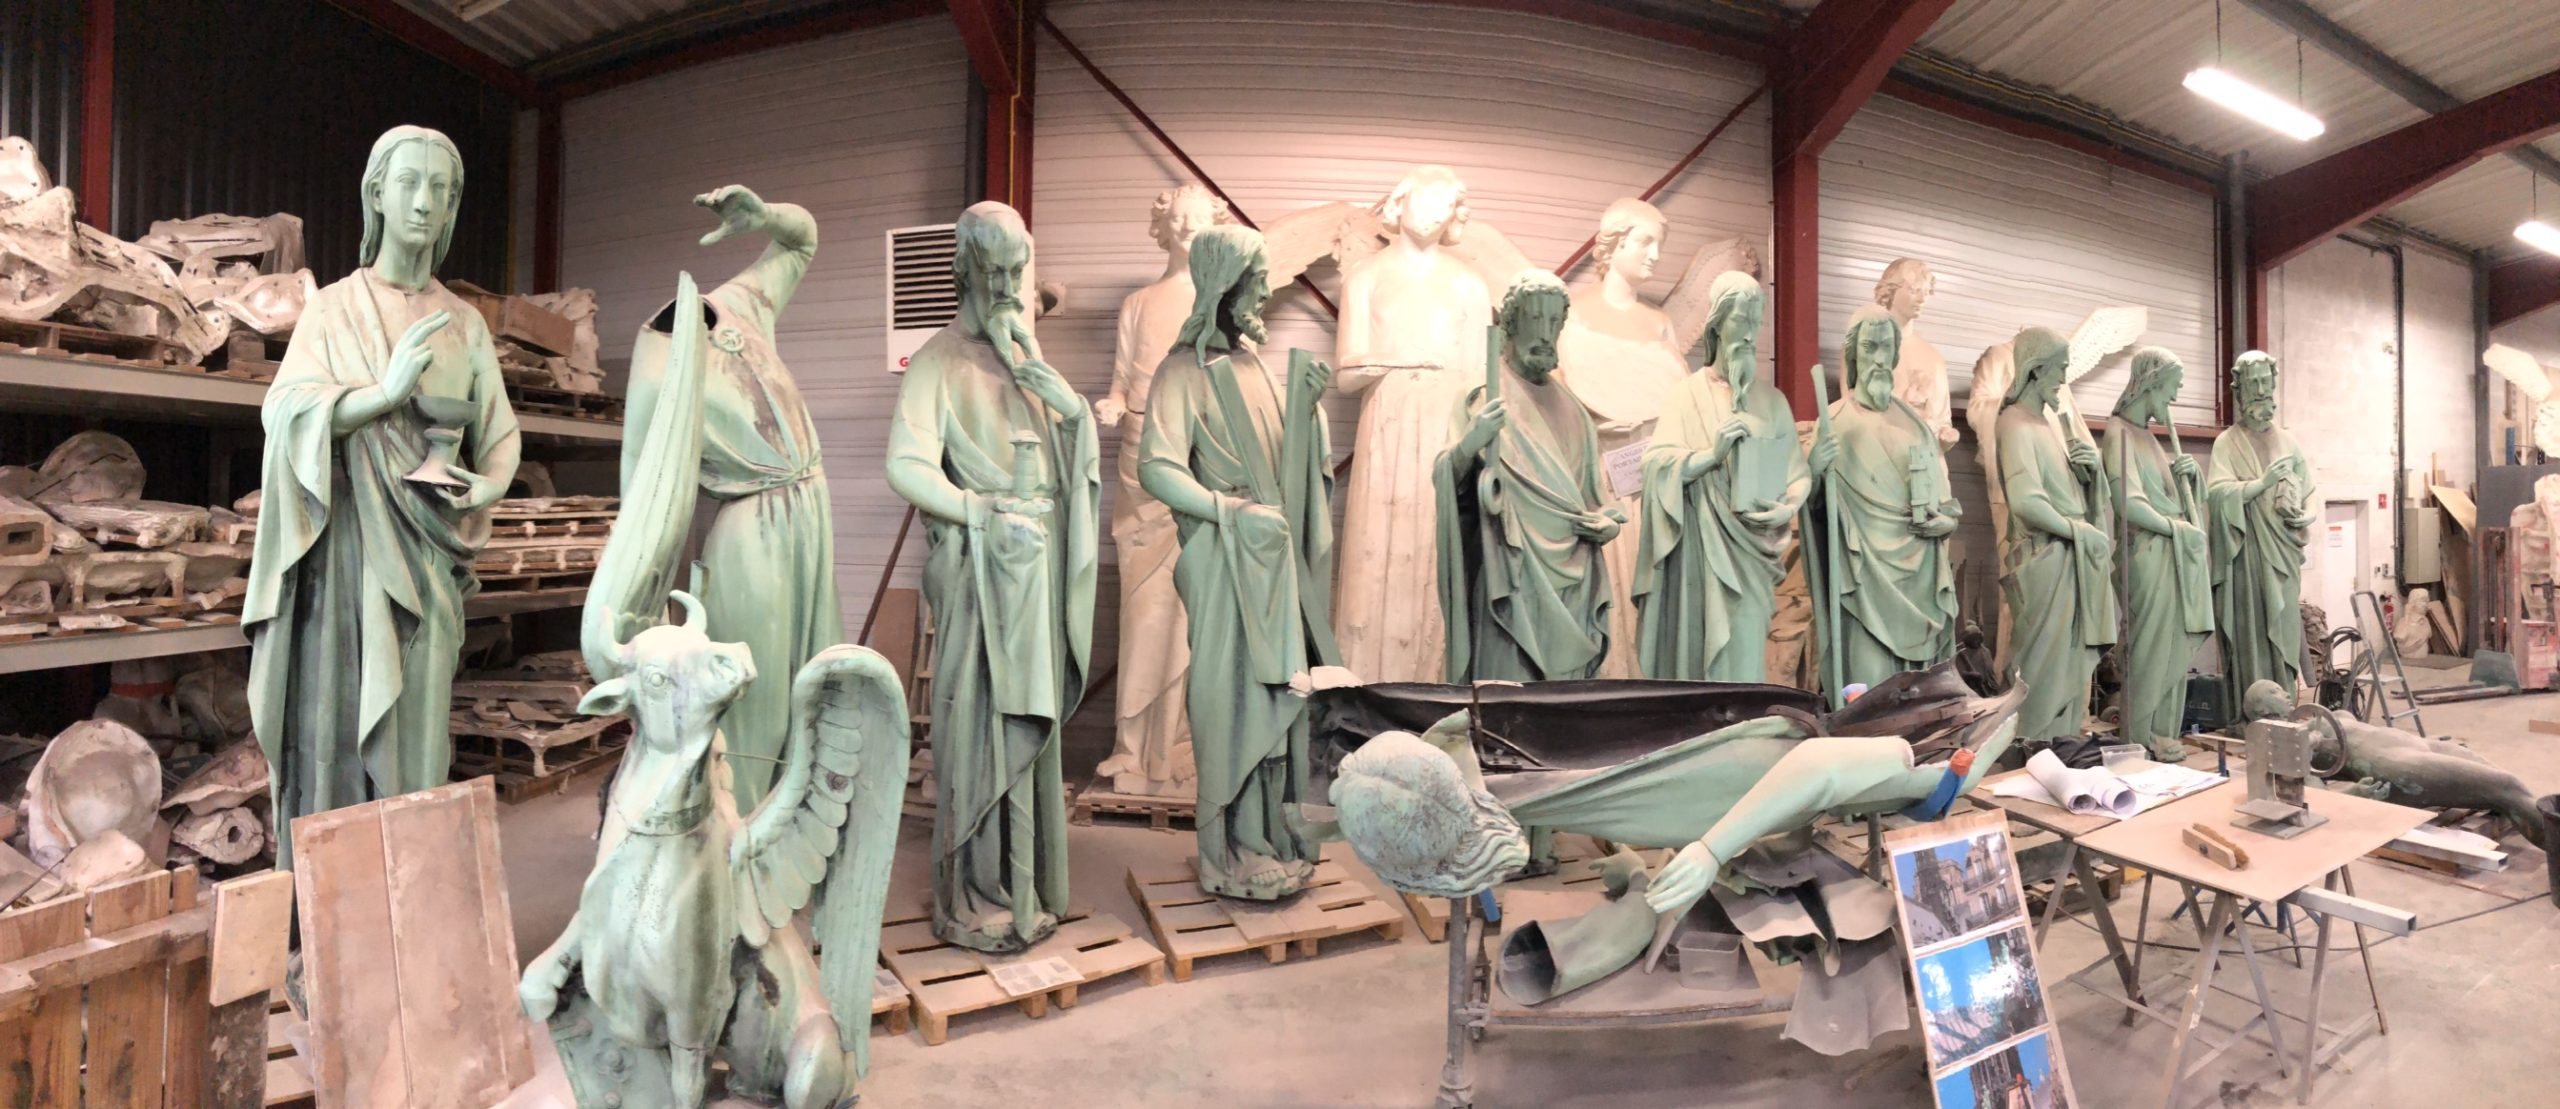 Mein Bild der Woche - Figuren Notre Dame